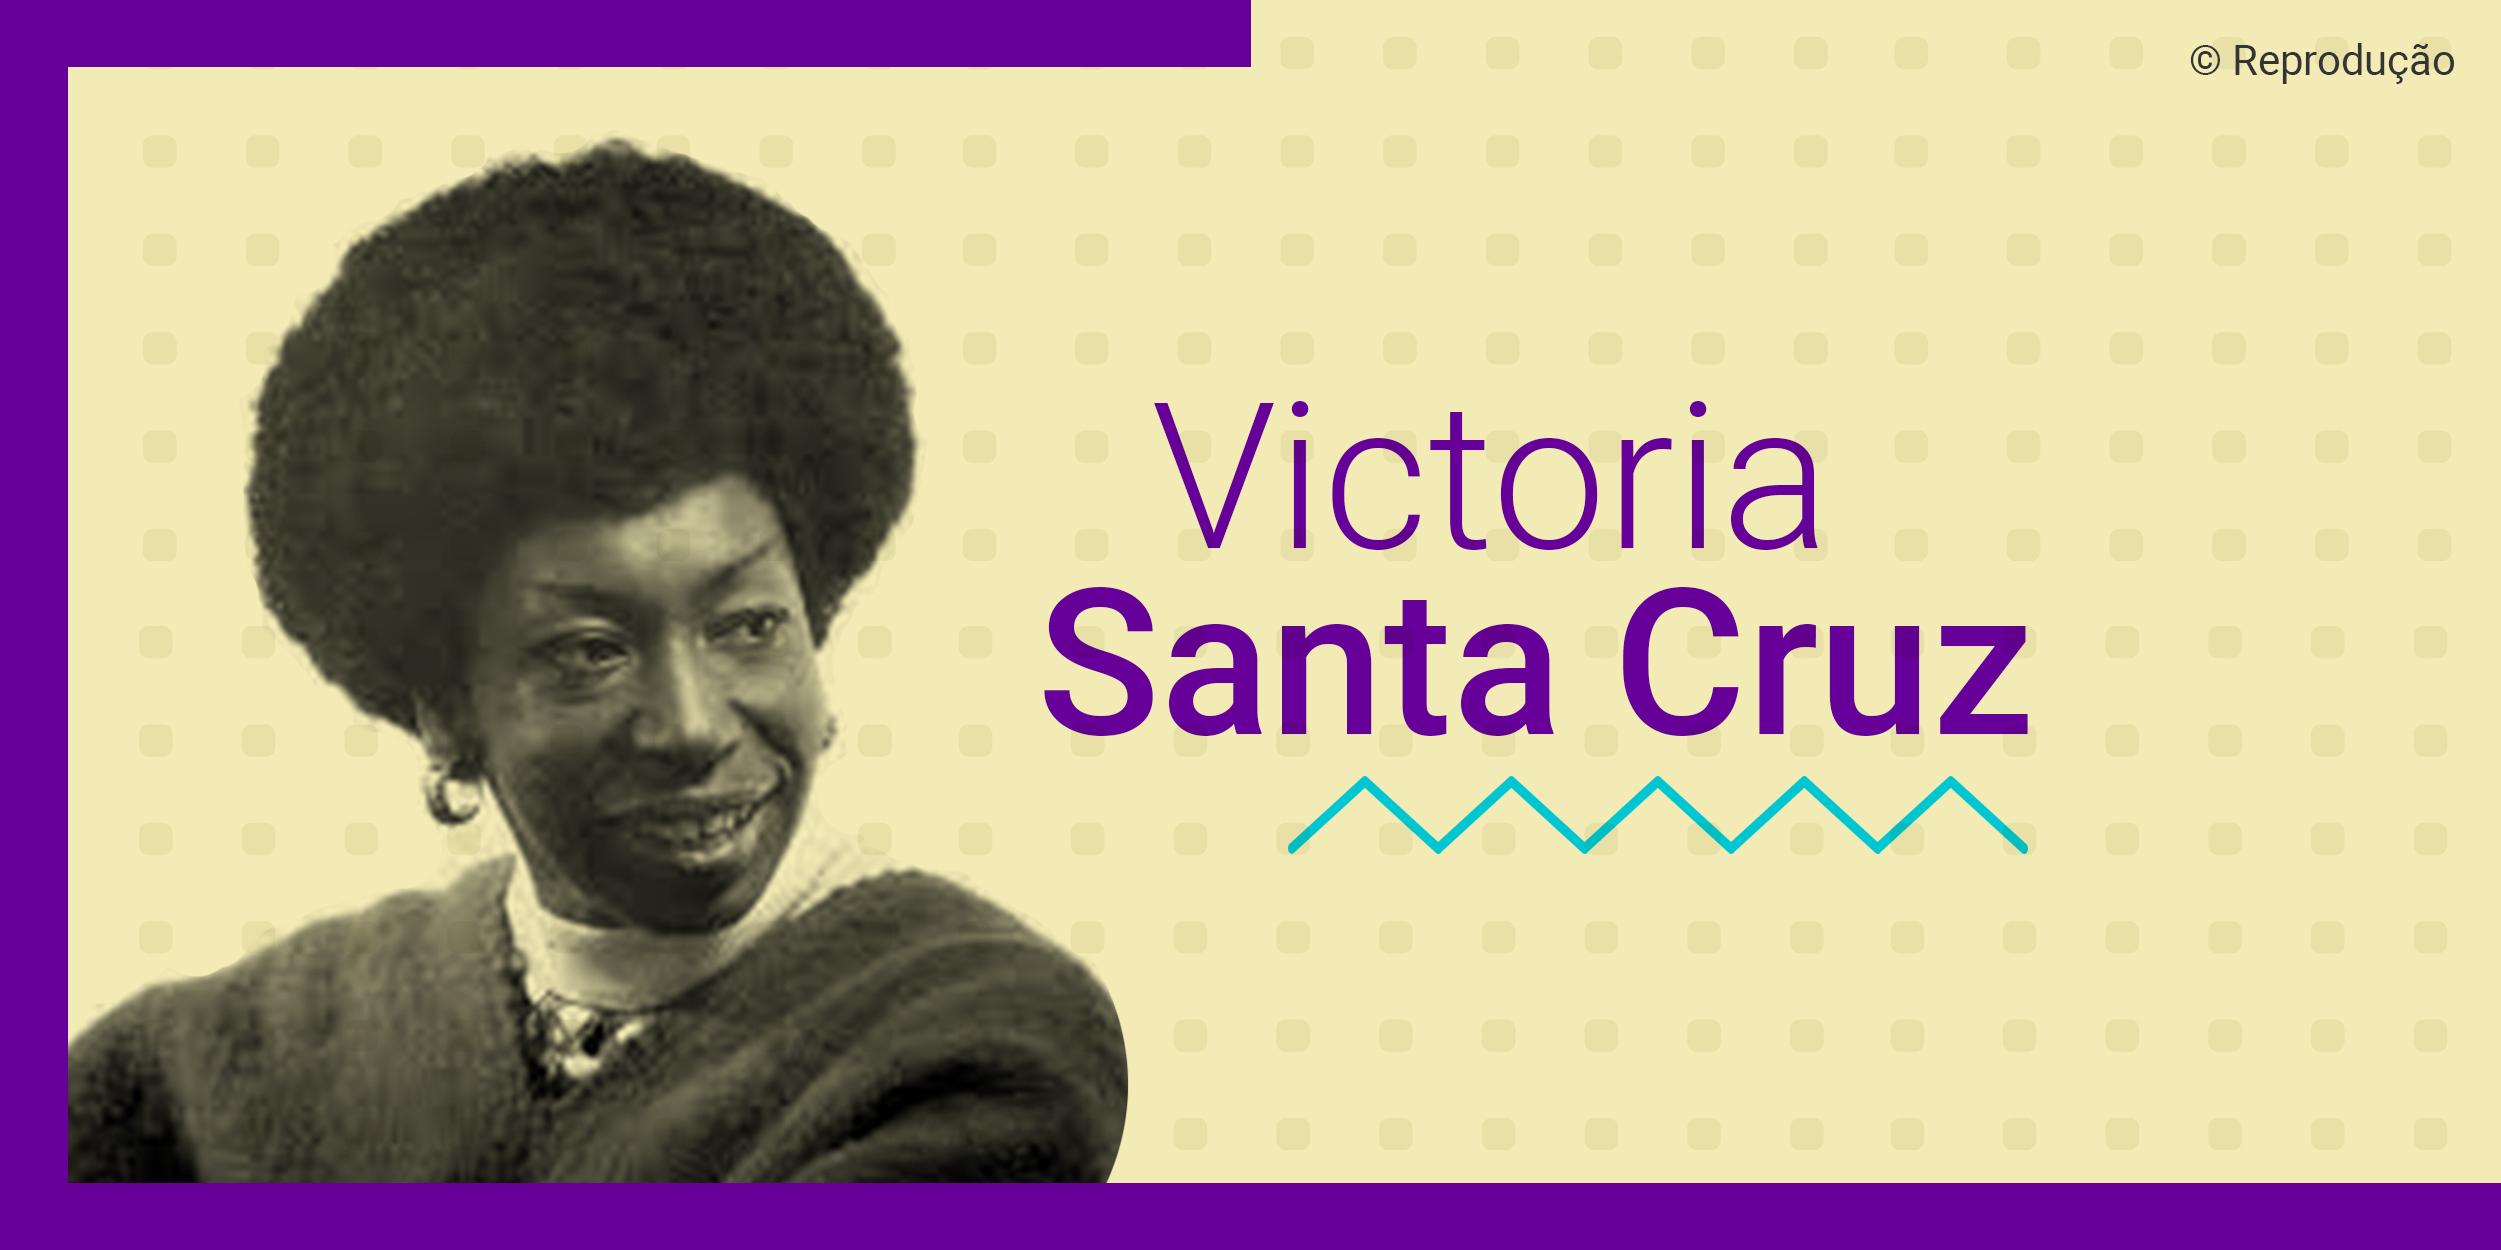 Ilustração com a foto em branco e preto de Victoria Santa Cruz